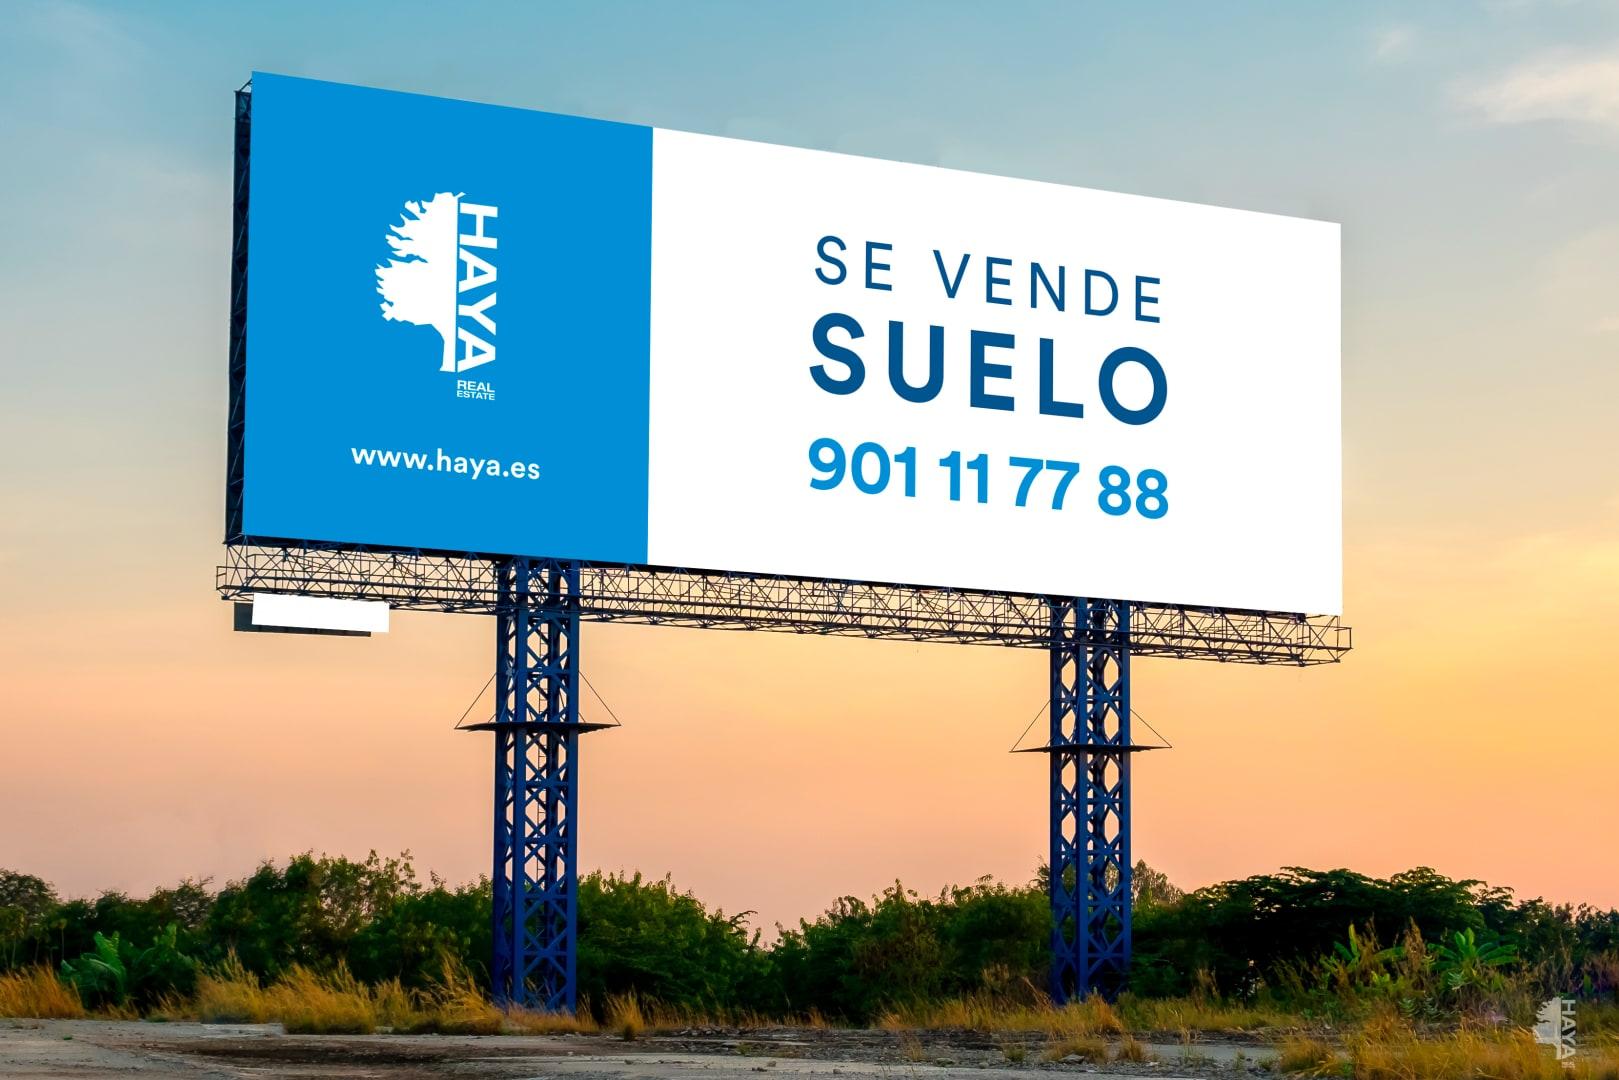 Suelo en venta en Badajoz, Badajoz, Calle Valduro Bajo, 81.500 €, 5509200 m2